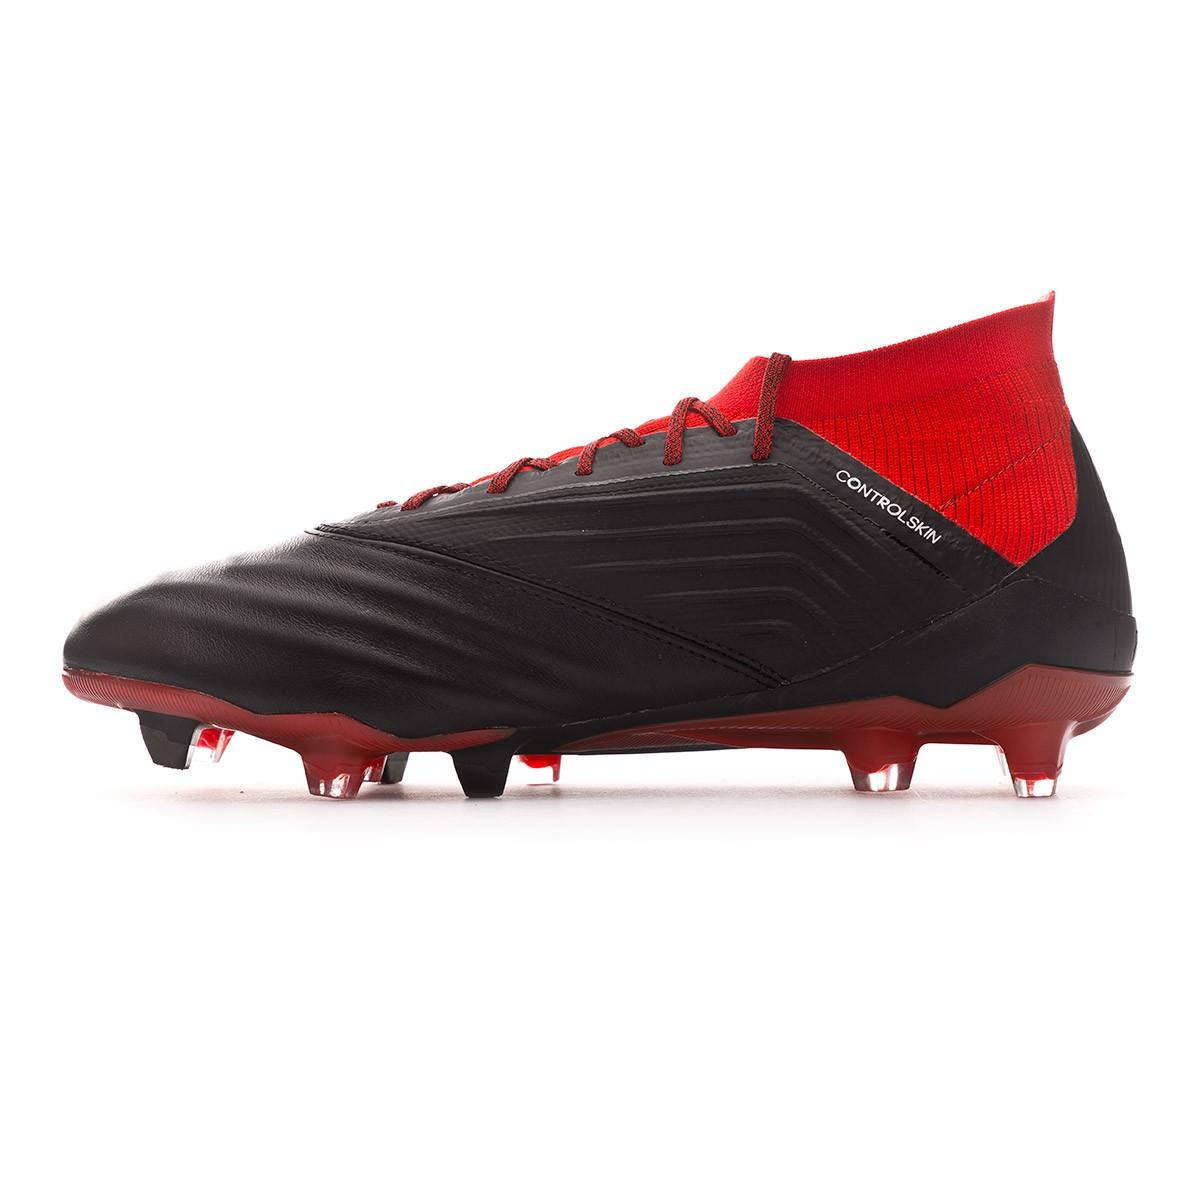 9adf24c63fea1 Zapatos de fútbol adidas Predator 18.1 FG Piel Core black-White-Red -  Tienda de fútbol Fútbol Emotion